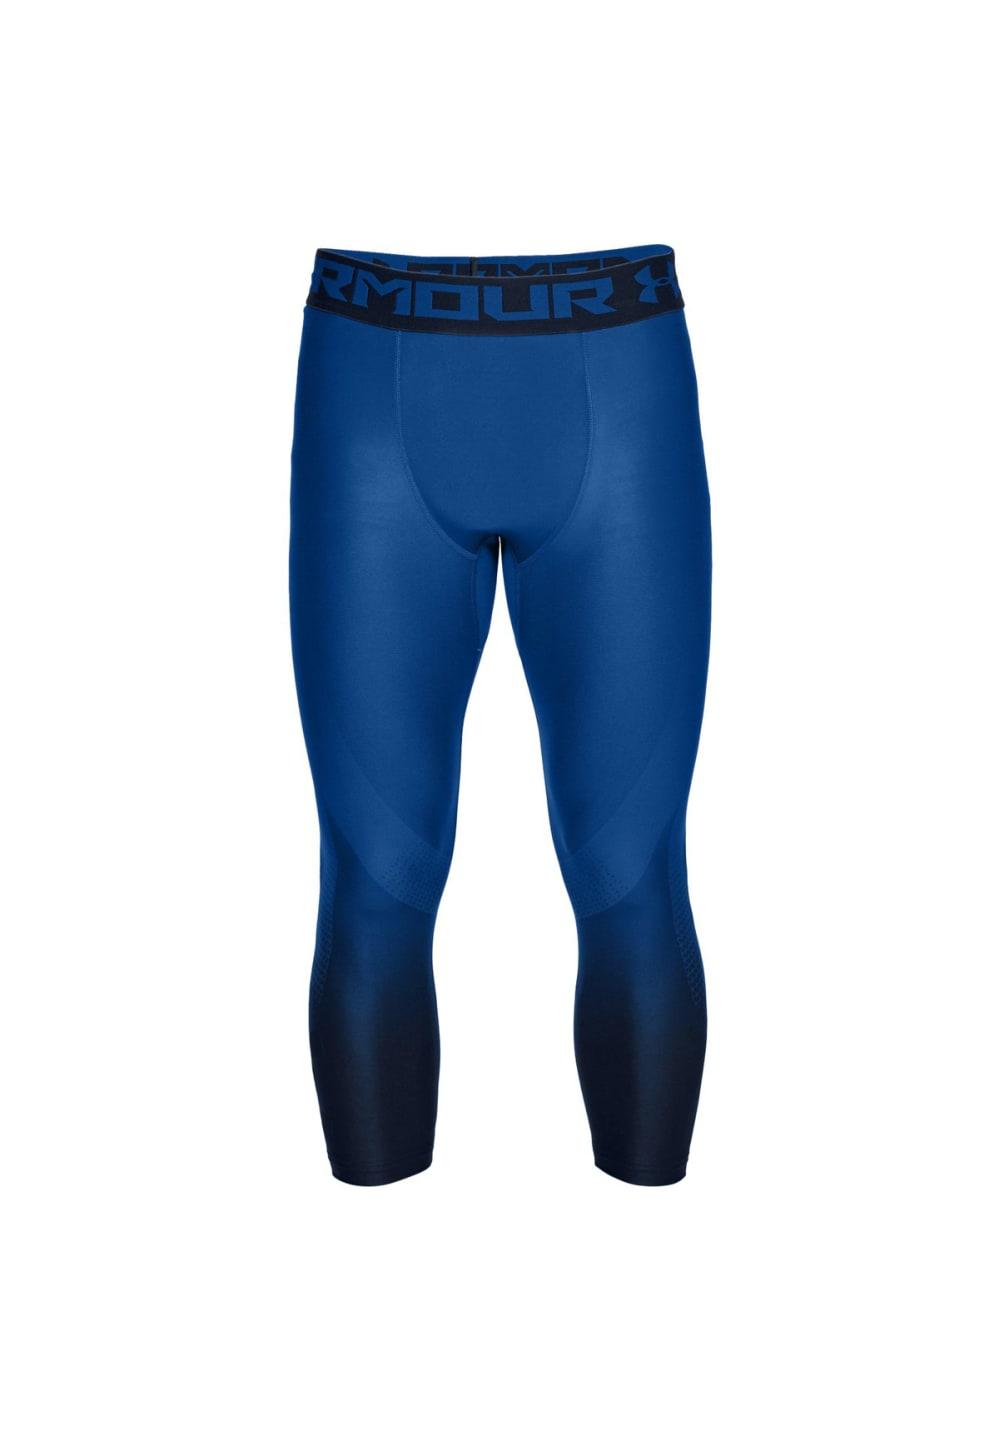 Under Armour Heatgear Armour 2.0 3/4 Legging - Fitnesshosen für Herren - Blau